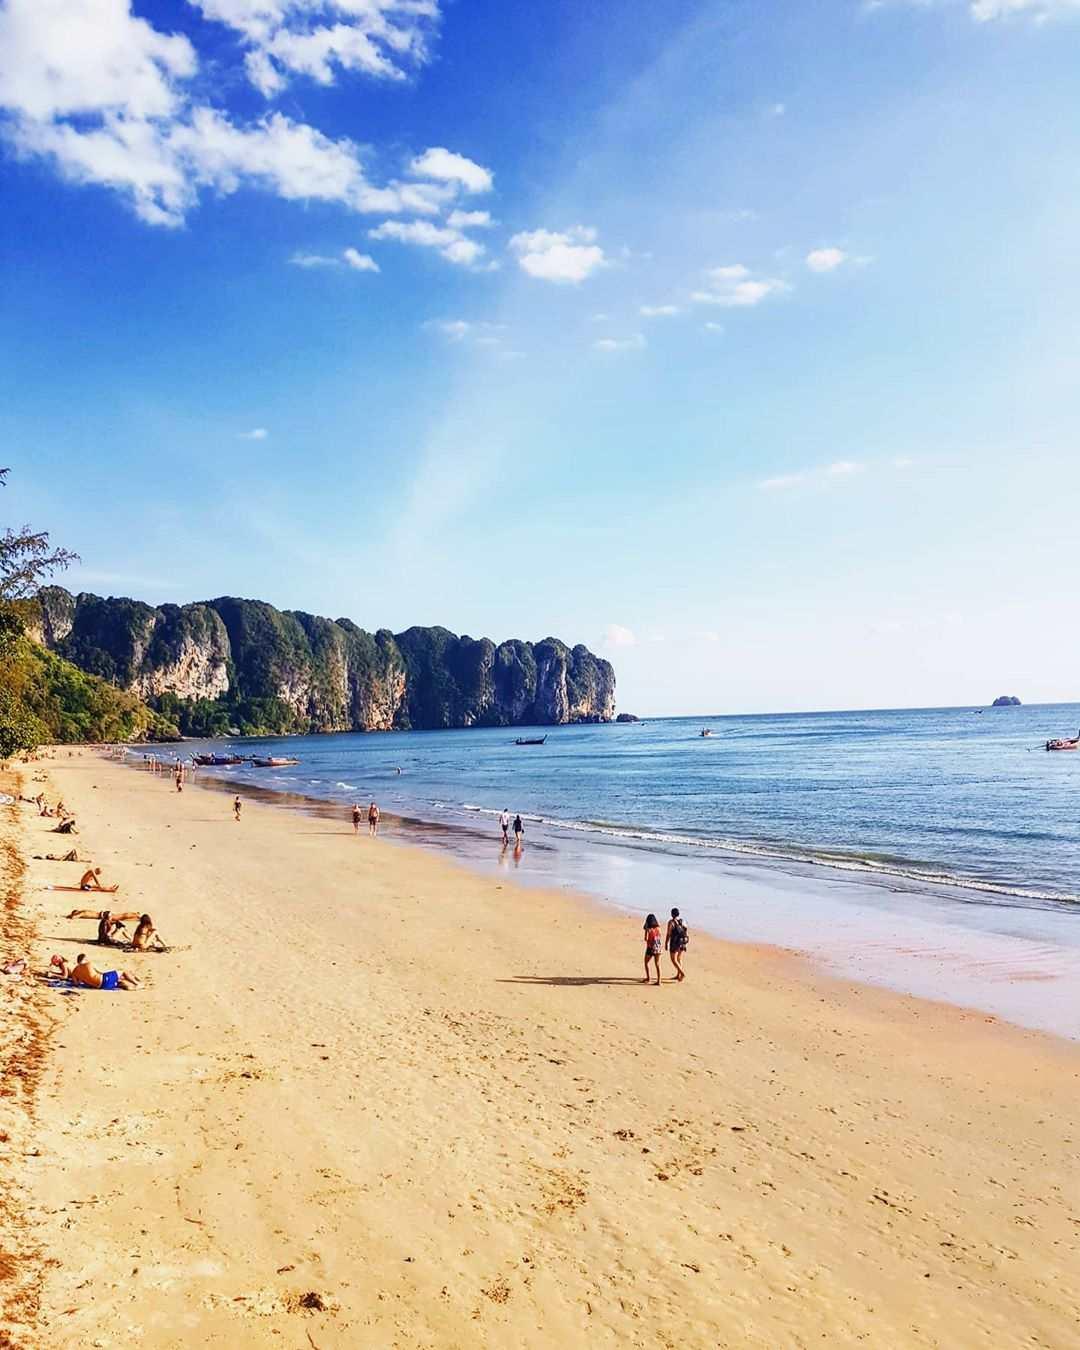 Het strand van Ao Nang in de provincie Krabi, Thailand